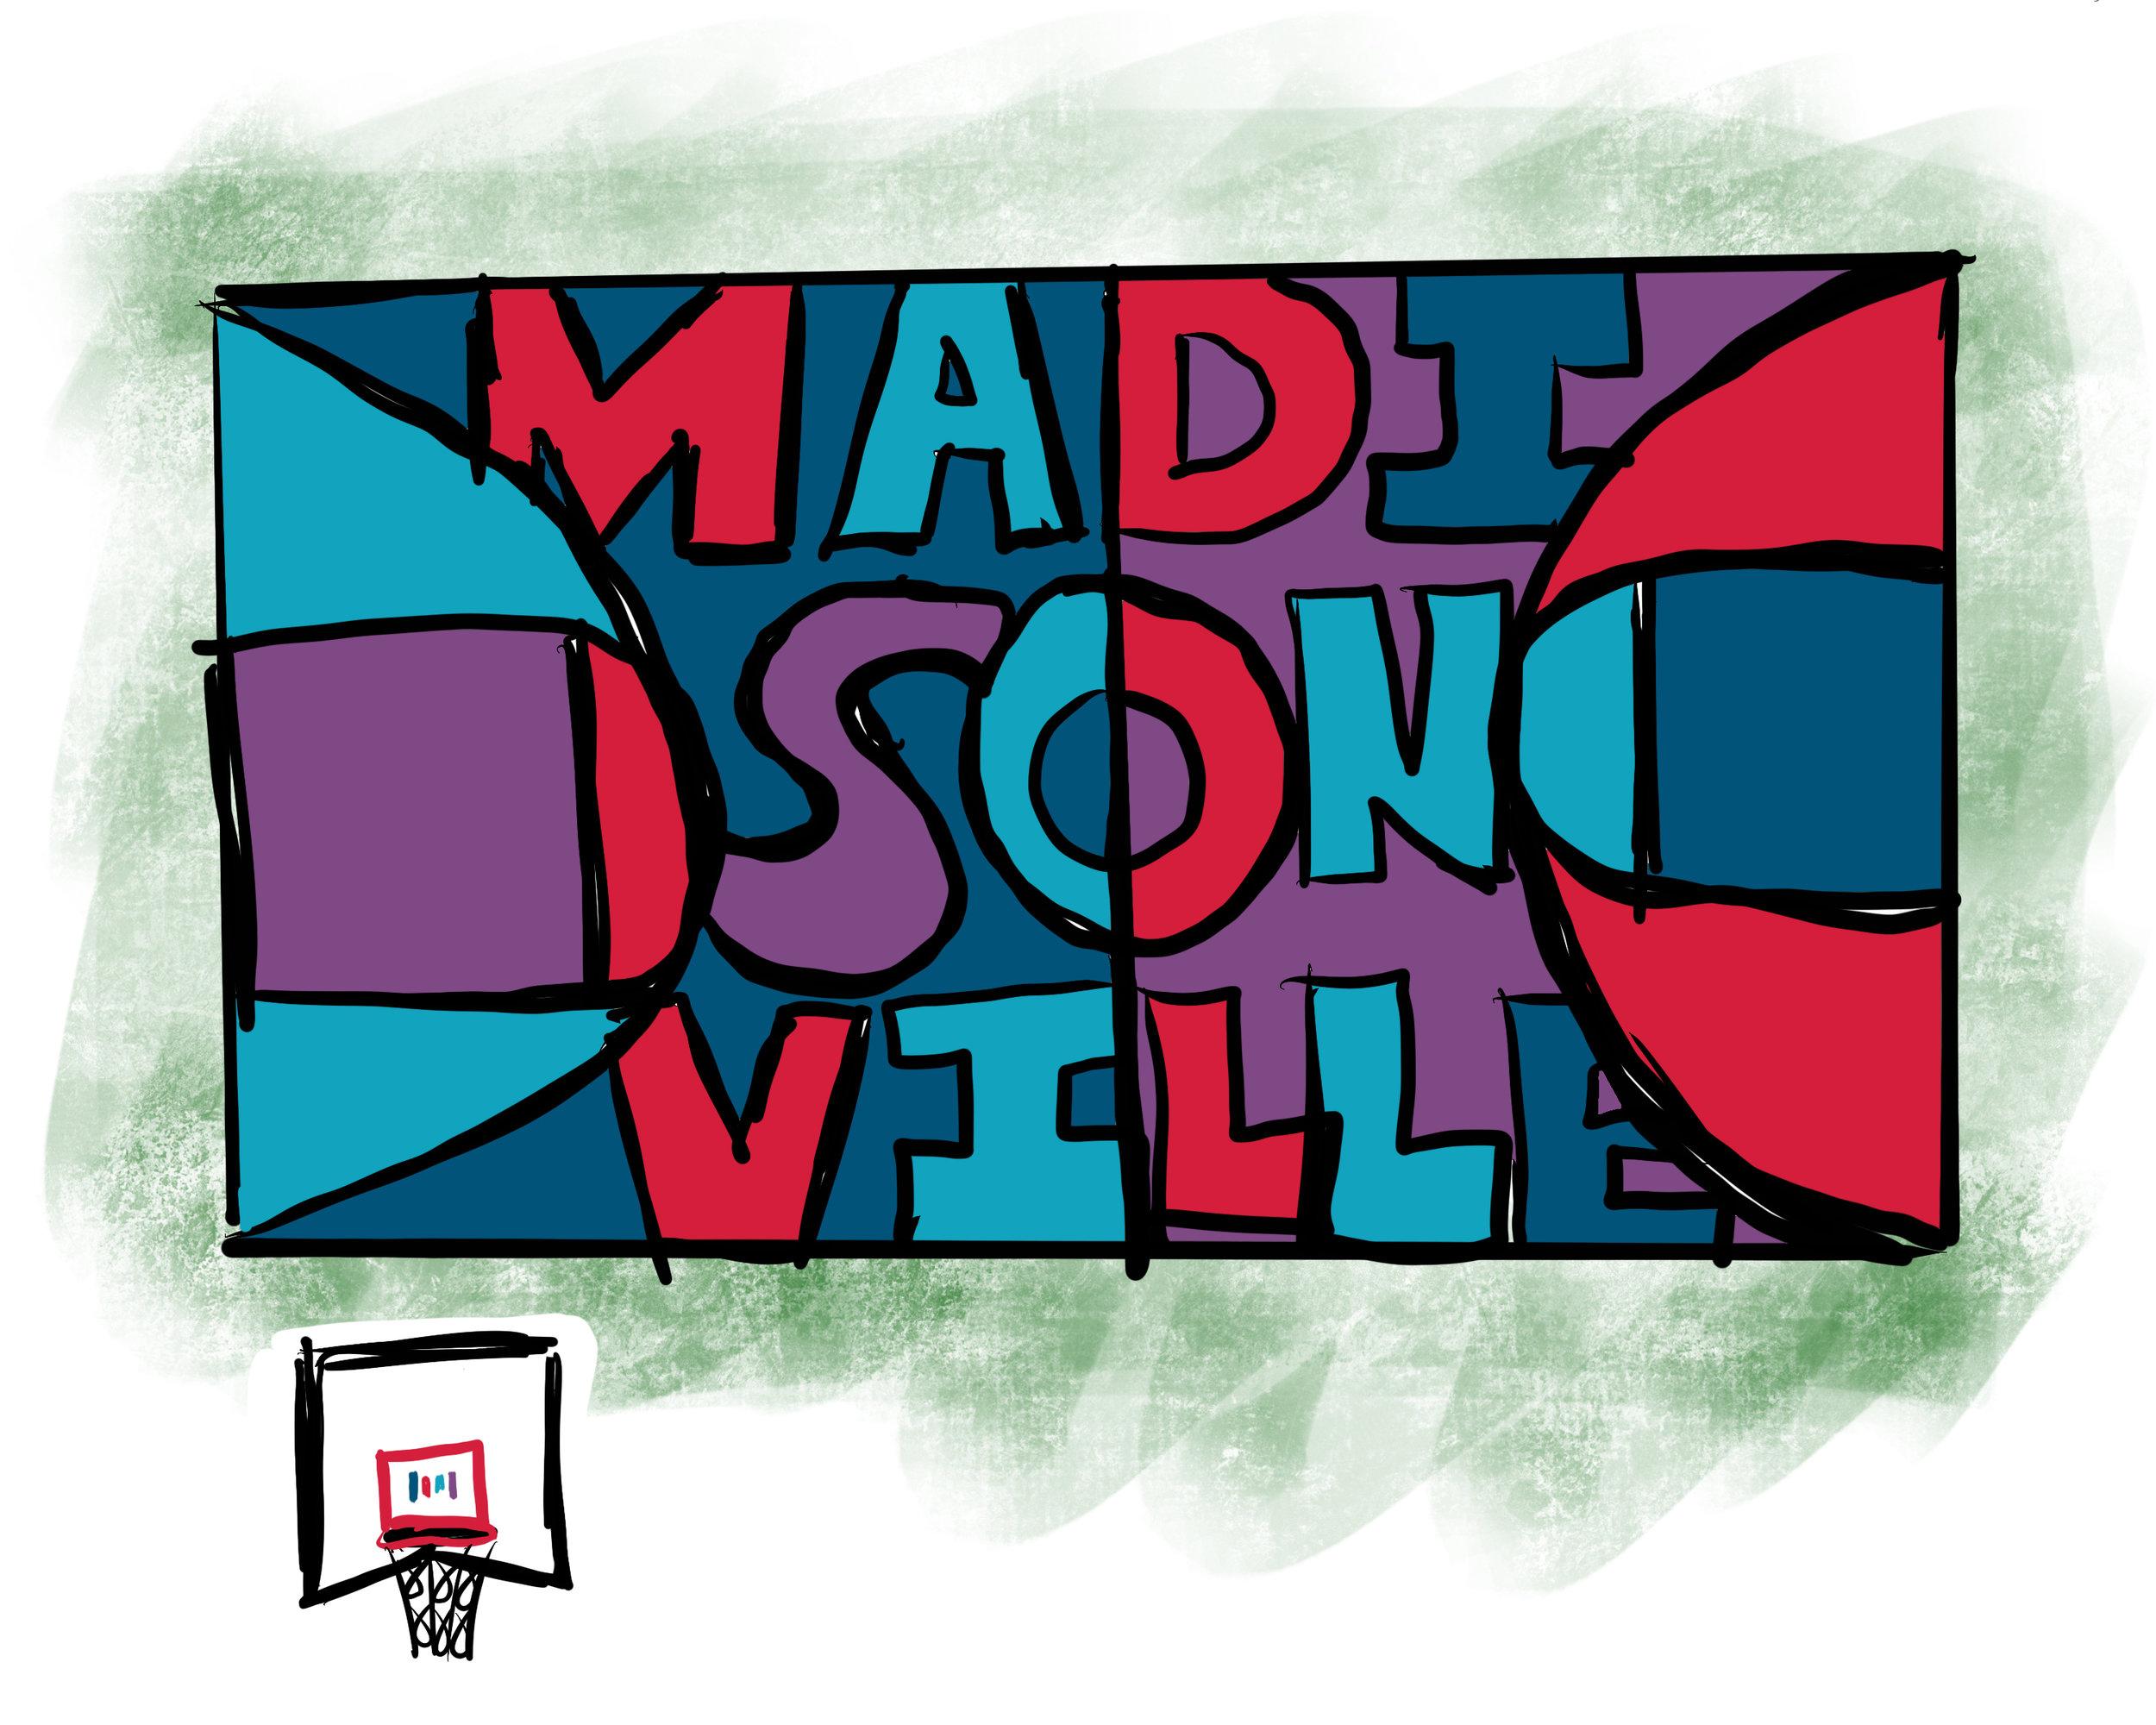 Paint_BasketballCourt.jpg